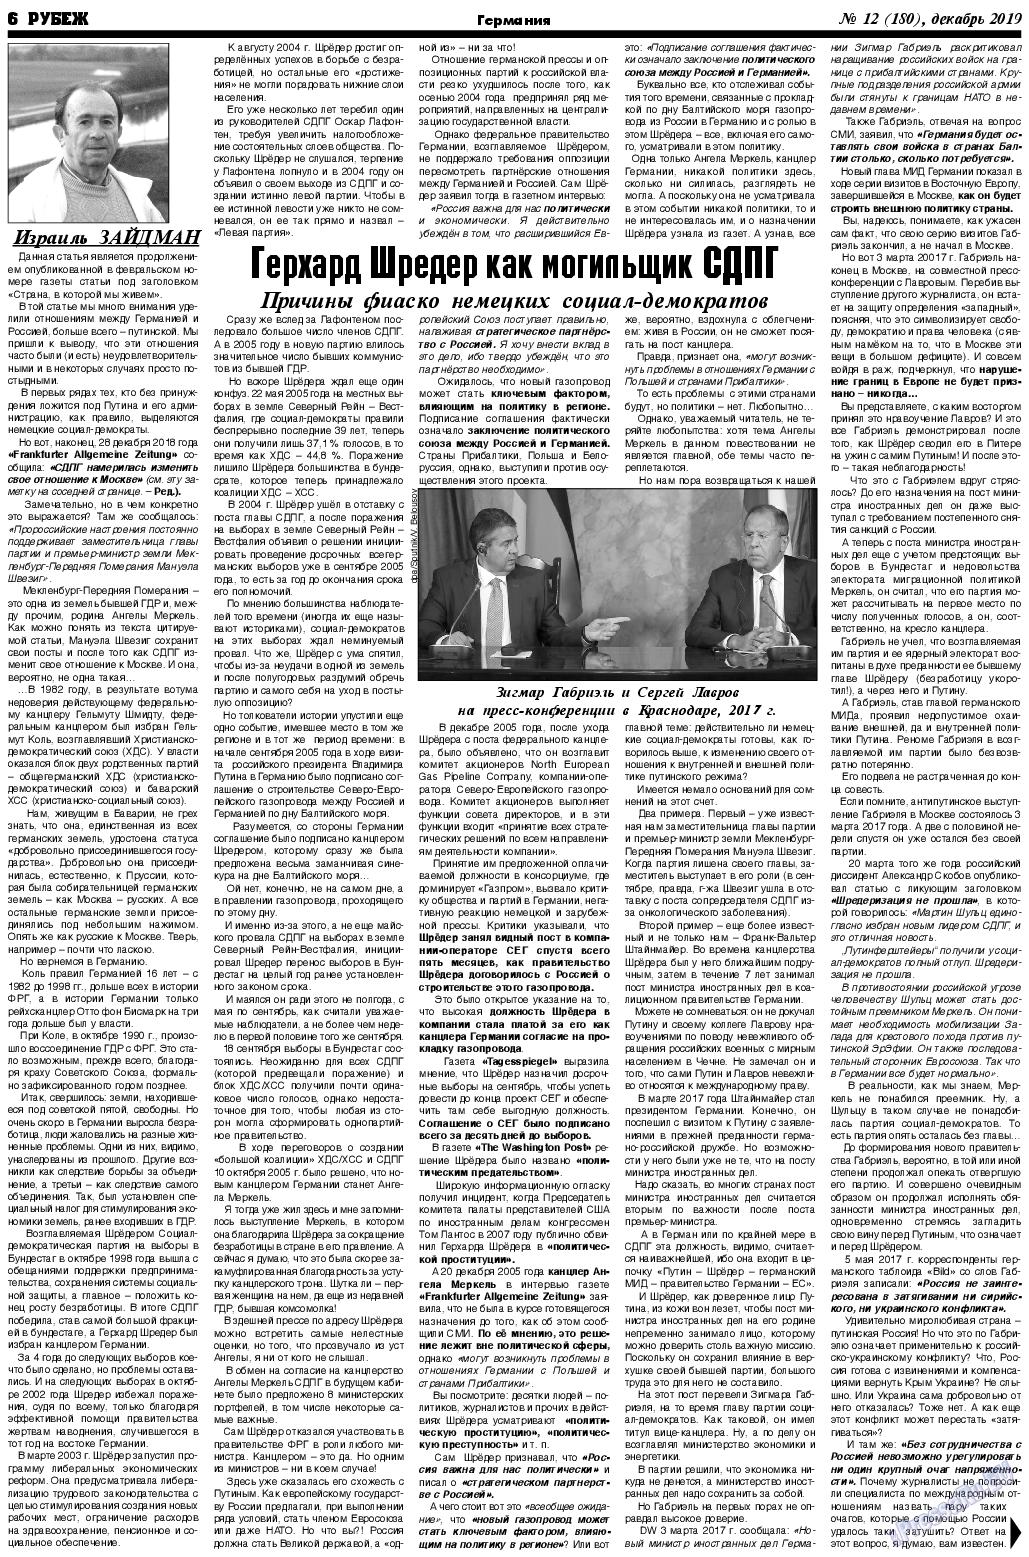 Рубеж (газета). 2019 год, номер 12, стр. 6